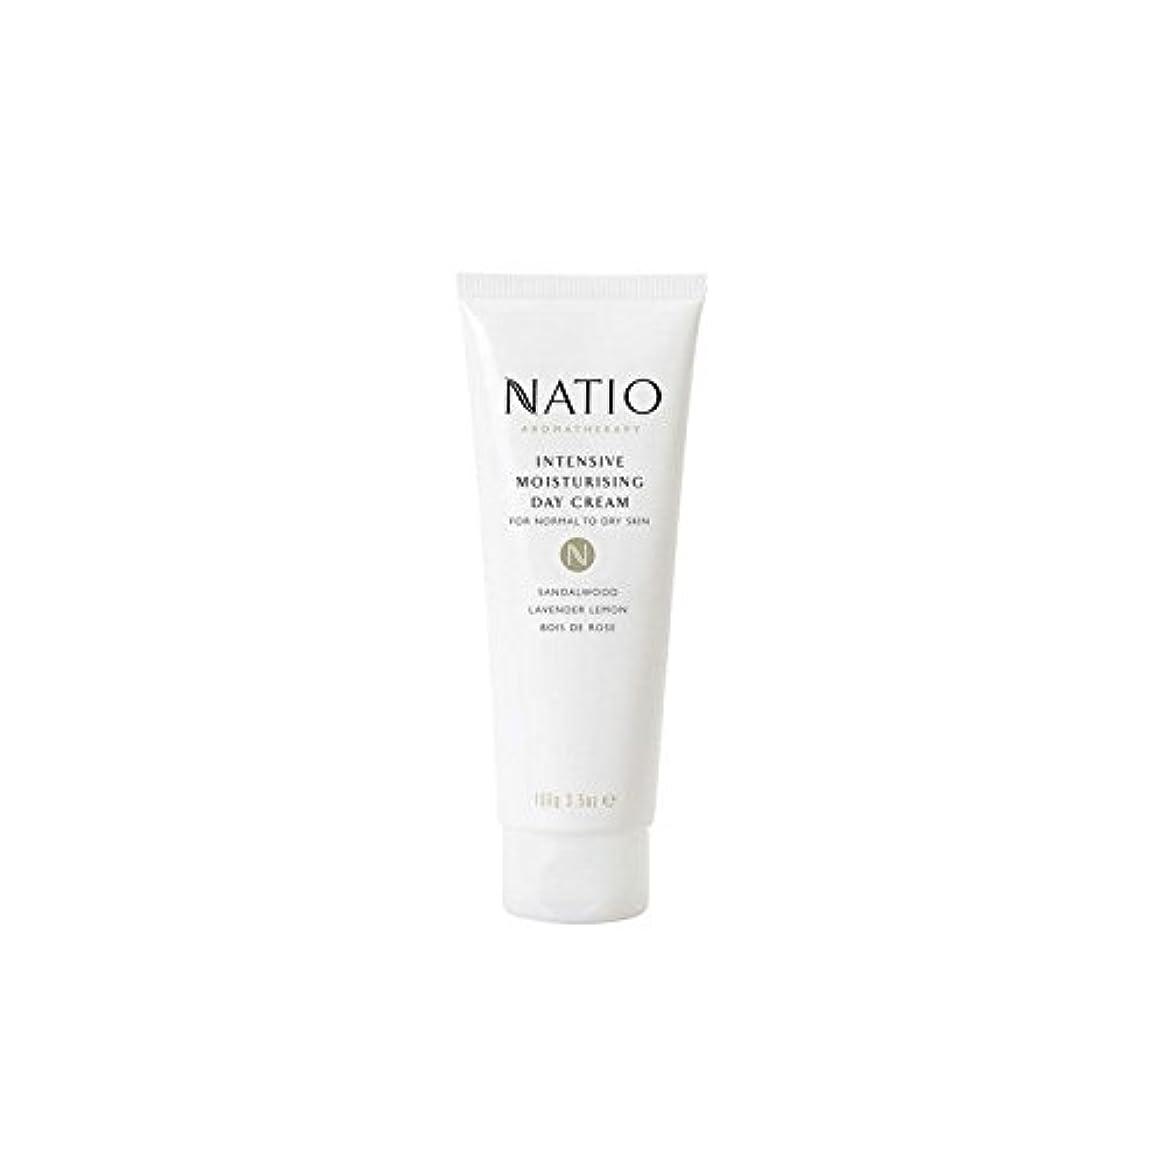 うがい体操選手証言Natio Intensive Moisturising Day Cream (100G) (Pack of 6) - 集中的な保湿デイクリーム(100グラム) x6 [並行輸入品]